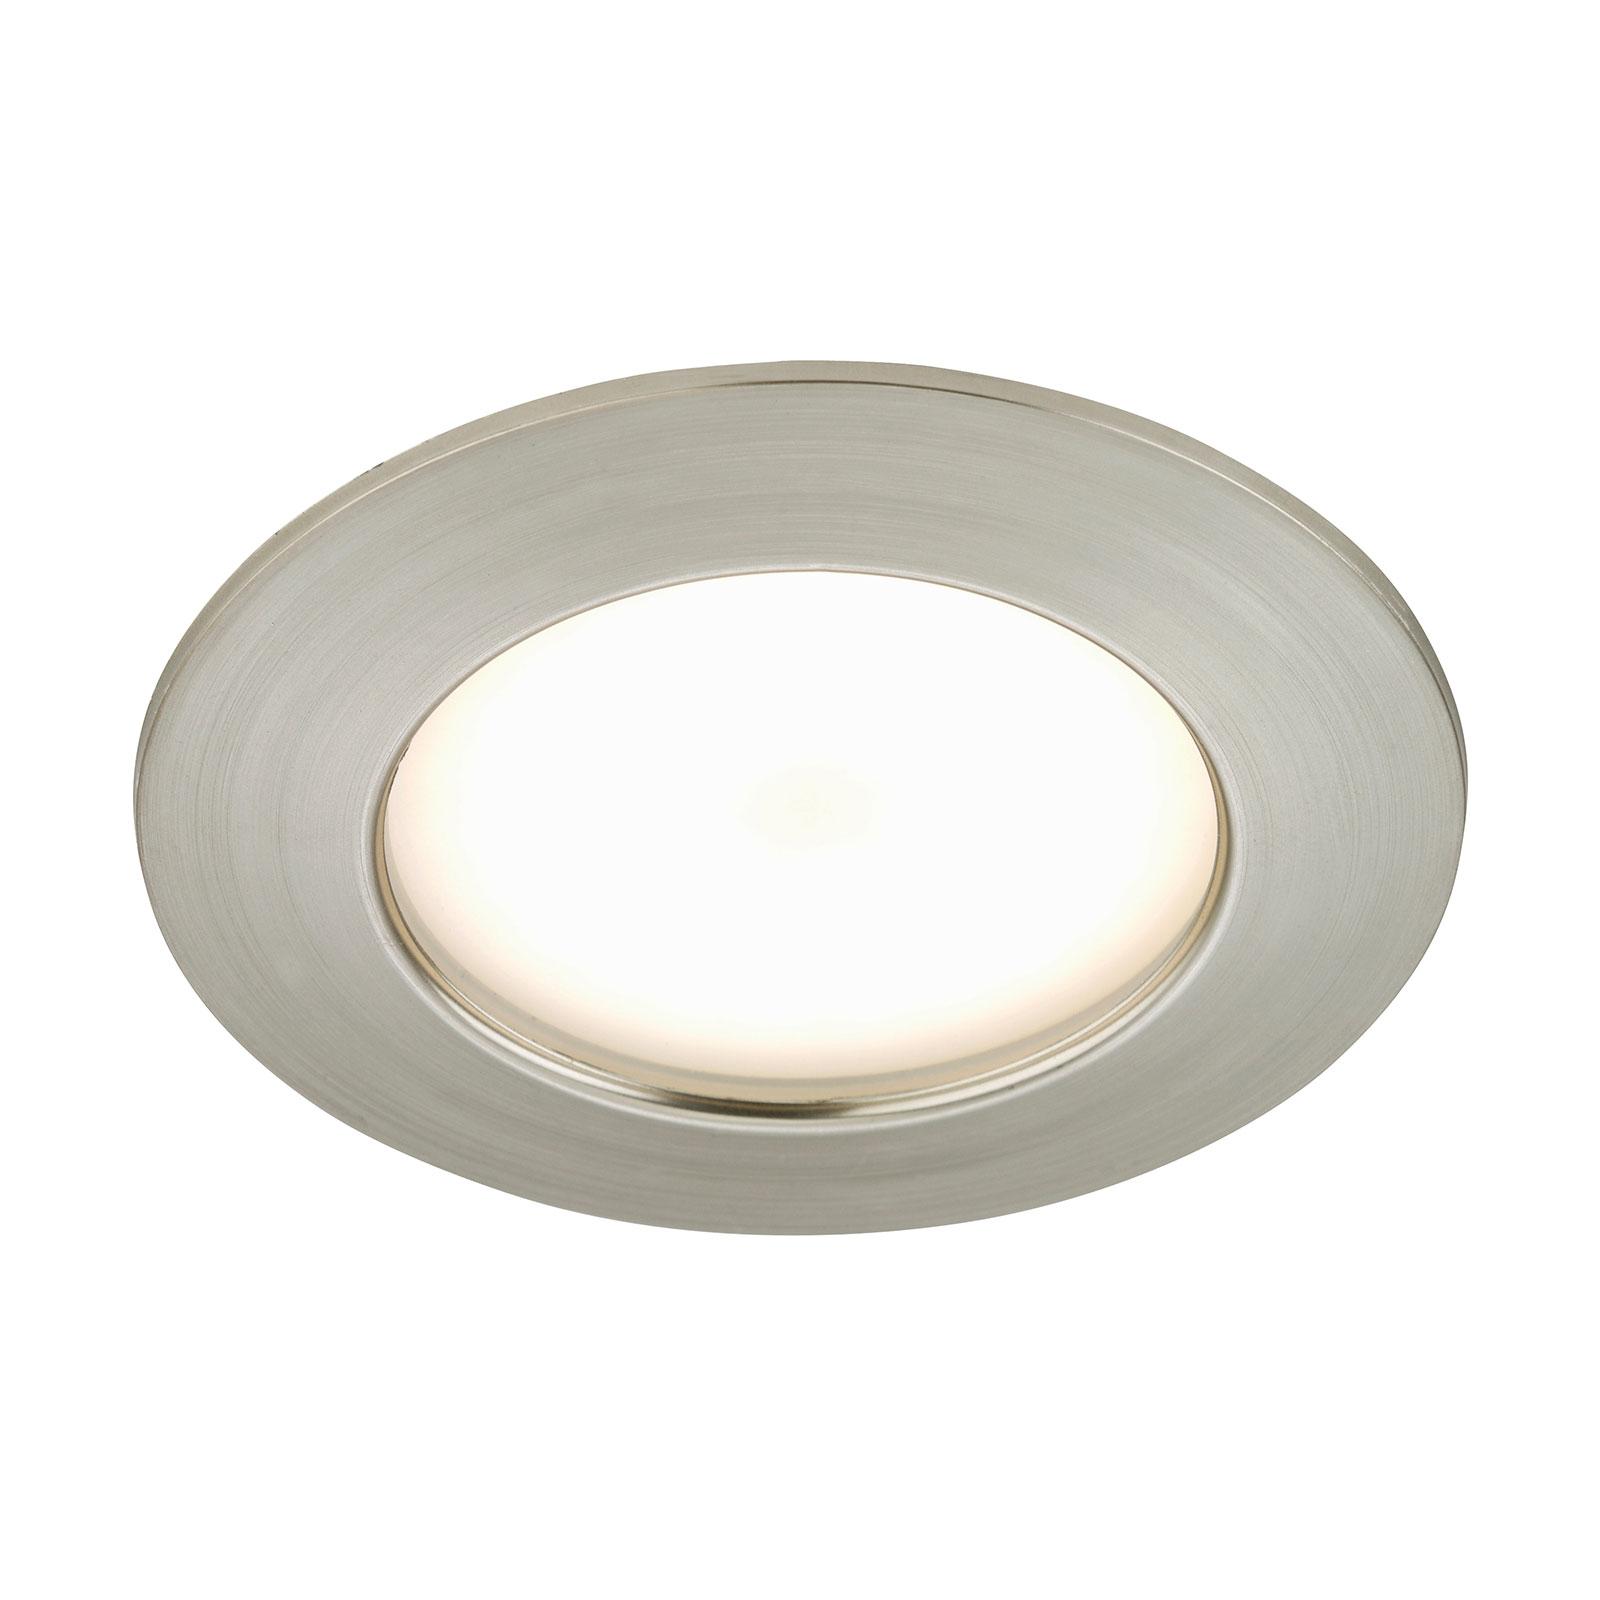 Leuchtstarke LED-Einbauleuchte Elli, nickel matt